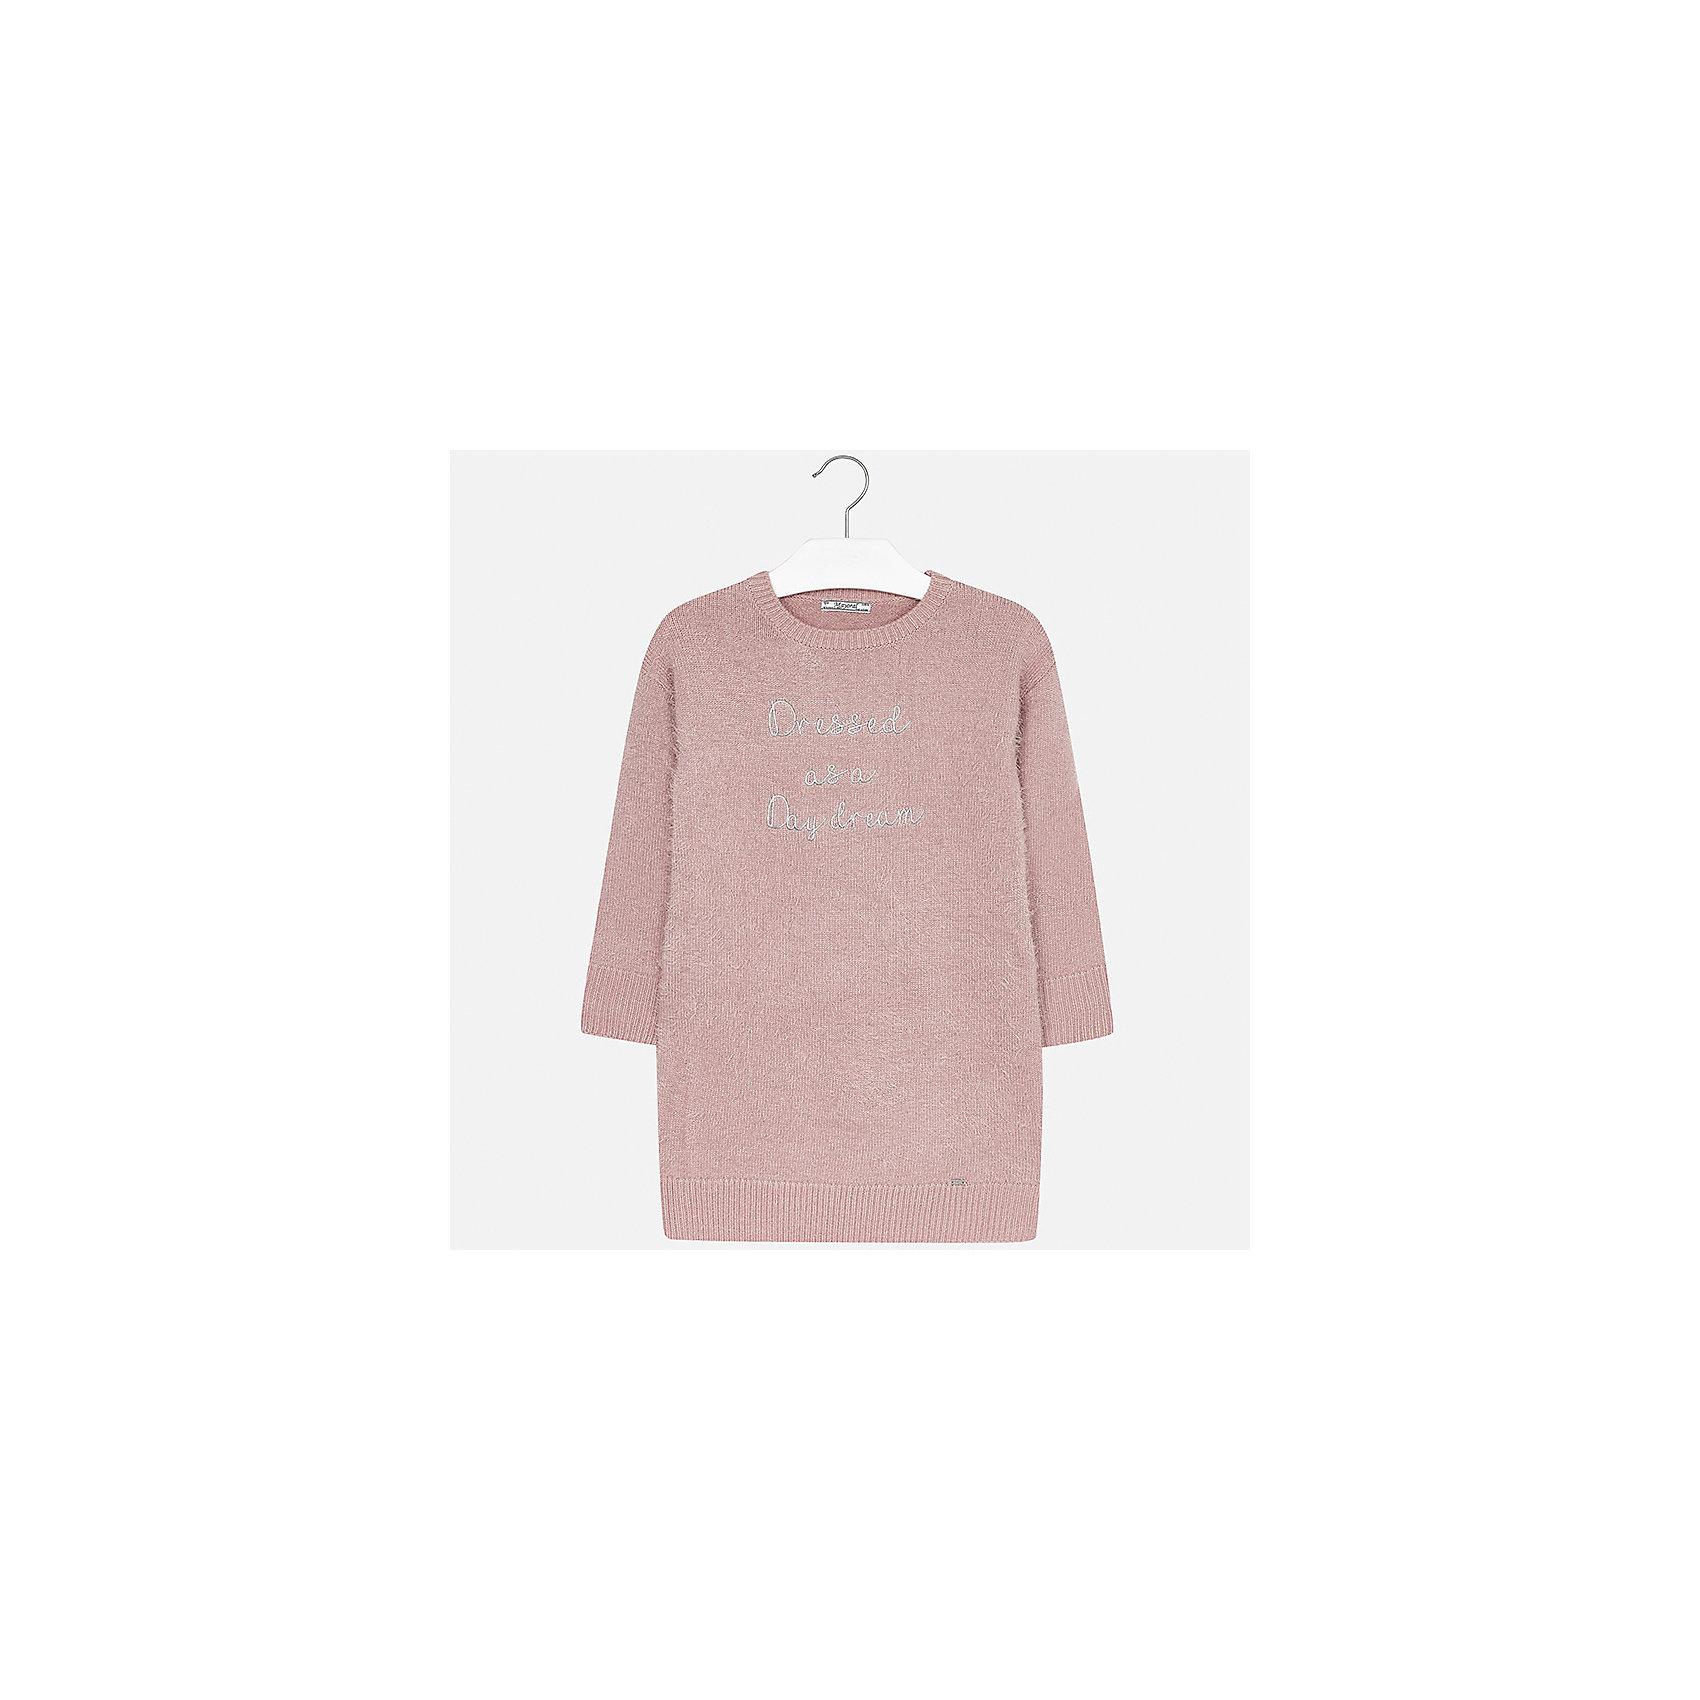 Платье Mayoral для девочкиПлатья и сарафаны<br>Характеристики товара:<br><br>• цвет: розовый<br>• состав ткани: 62% полиамид, 38% акрил<br>• сезон: круглый год<br>• длинные рукава<br>• вышивка<br>• страна бренда: Испания<br>• страна изготовитель: Китай<br><br>Розовое платье Mayoral обеспечит ребенку комфорт, это - универсальный наряд на разные случаи. Платье для девочки от Майорал симпатично смотрится благодаря мелкой вязке и вышивке.<br><br>Детская одежда от испанской компании Mayoral отличаются оригинальным и всегда стильным дизайном. Качество продукции неизменно очень высокое.<br><br>Платье для девочки Mayoral (Майорал) можно купить в нашем интернет-магазине.<br><br>Ширина мм: 236<br>Глубина мм: 16<br>Высота мм: 184<br>Вес г: 177<br>Цвет: розовый<br>Возраст от месяцев: 168<br>Возраст до месяцев: 180<br>Пол: Женский<br>Возраст: Детский<br>Размер: 170,128/134,140,152,158,164<br>SKU: 6925316